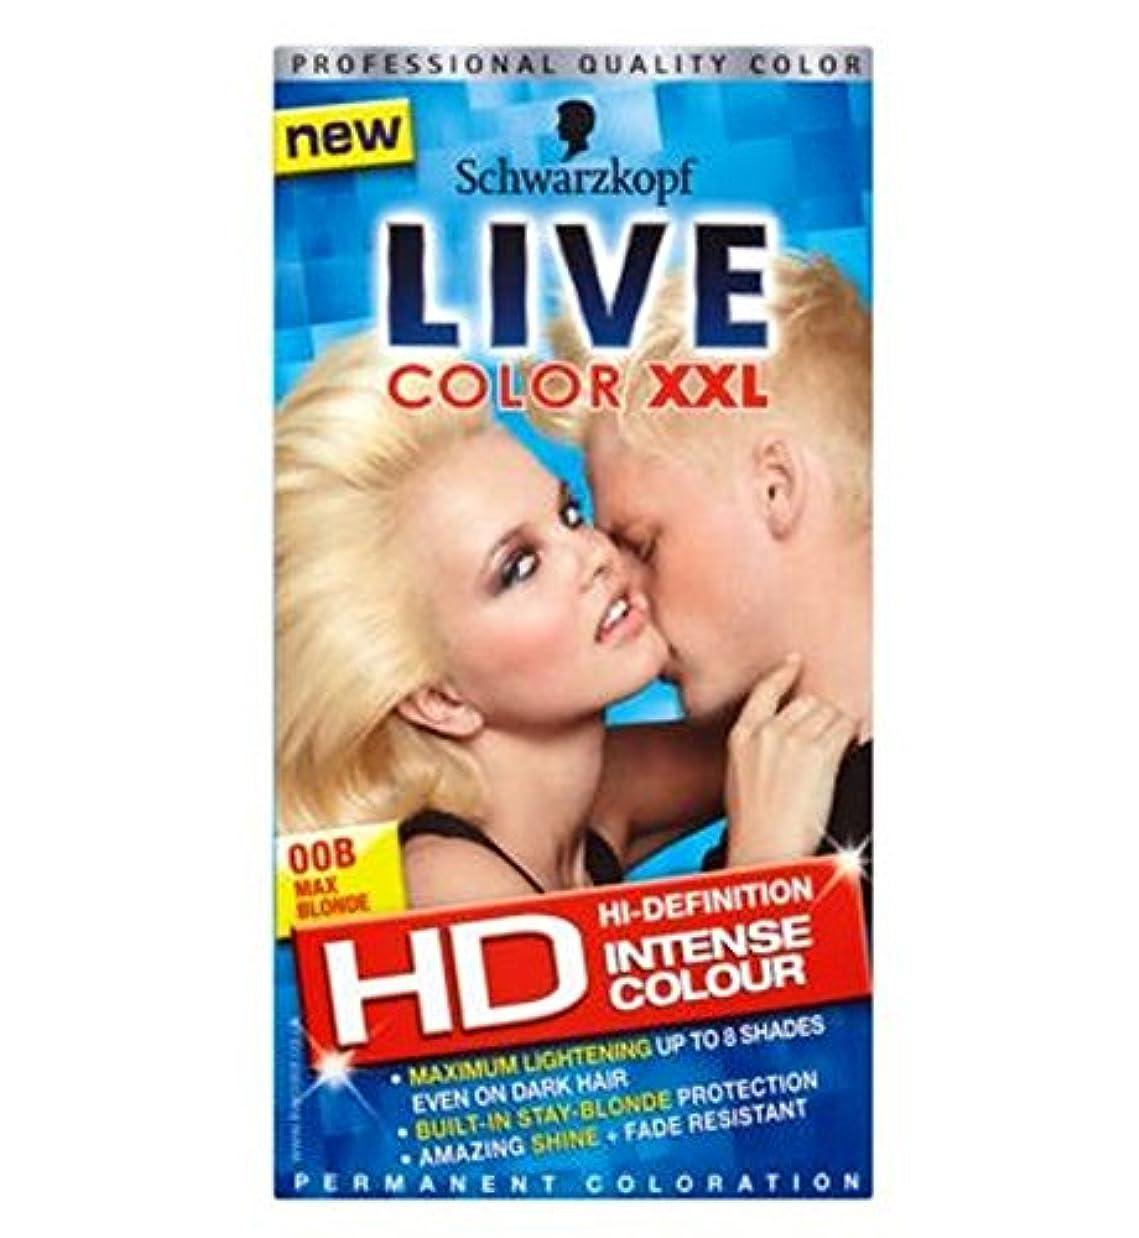 変な宅配便一時停止Schwarzkopf Live Color XXL Colour Intense Permanent Coloration 00B Max Blonde - シュワルツコフライブカラーXxl色の強い永久着色00B最大ブロンド (Schwarzkopf) [並行輸入品]